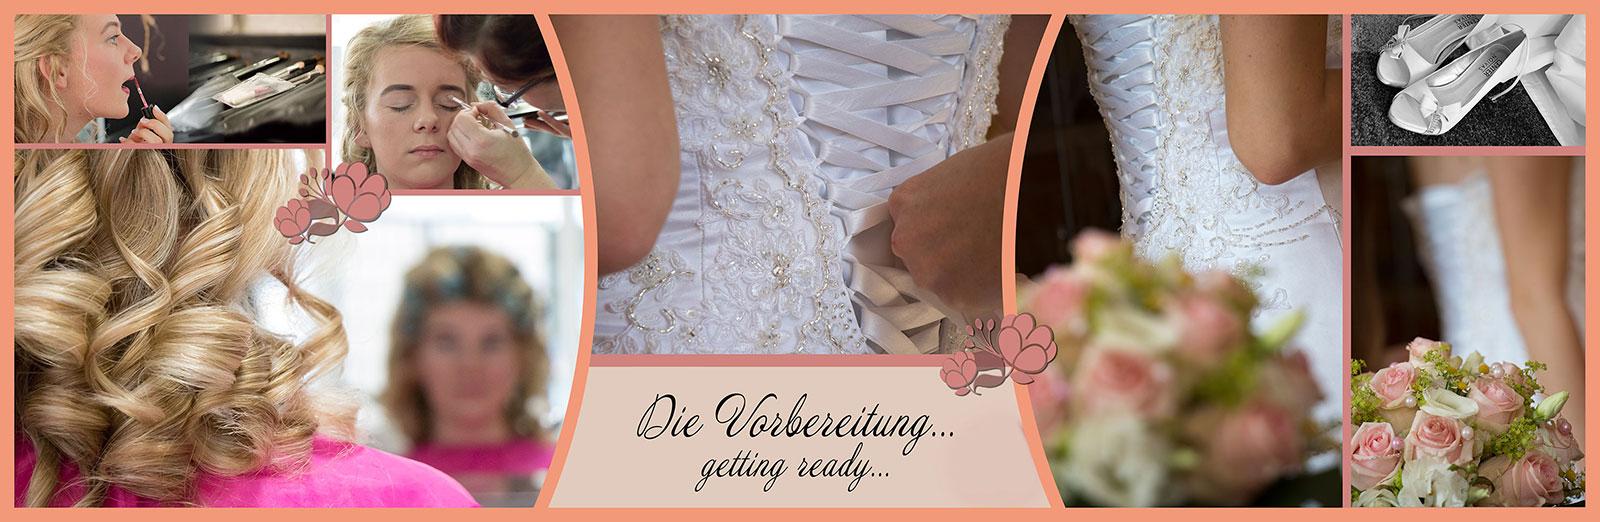 Panorama Fotobuch zur Hochzeit - getting ready der Braut in Bayreuth